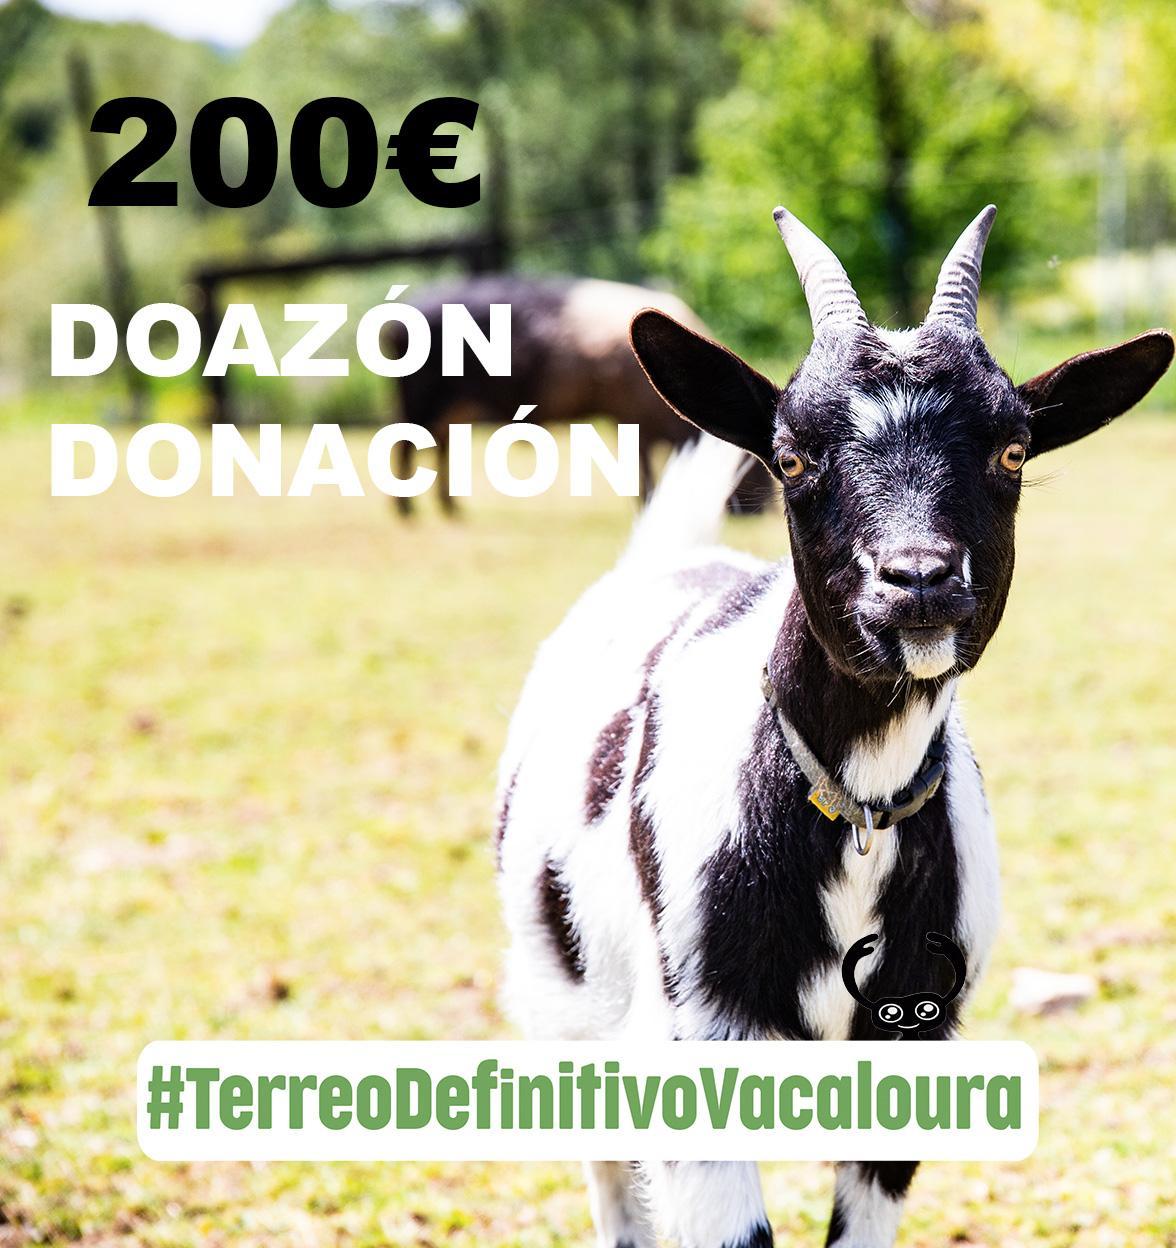 doa 200 euros á campaña do terreo definitivo para o santuario